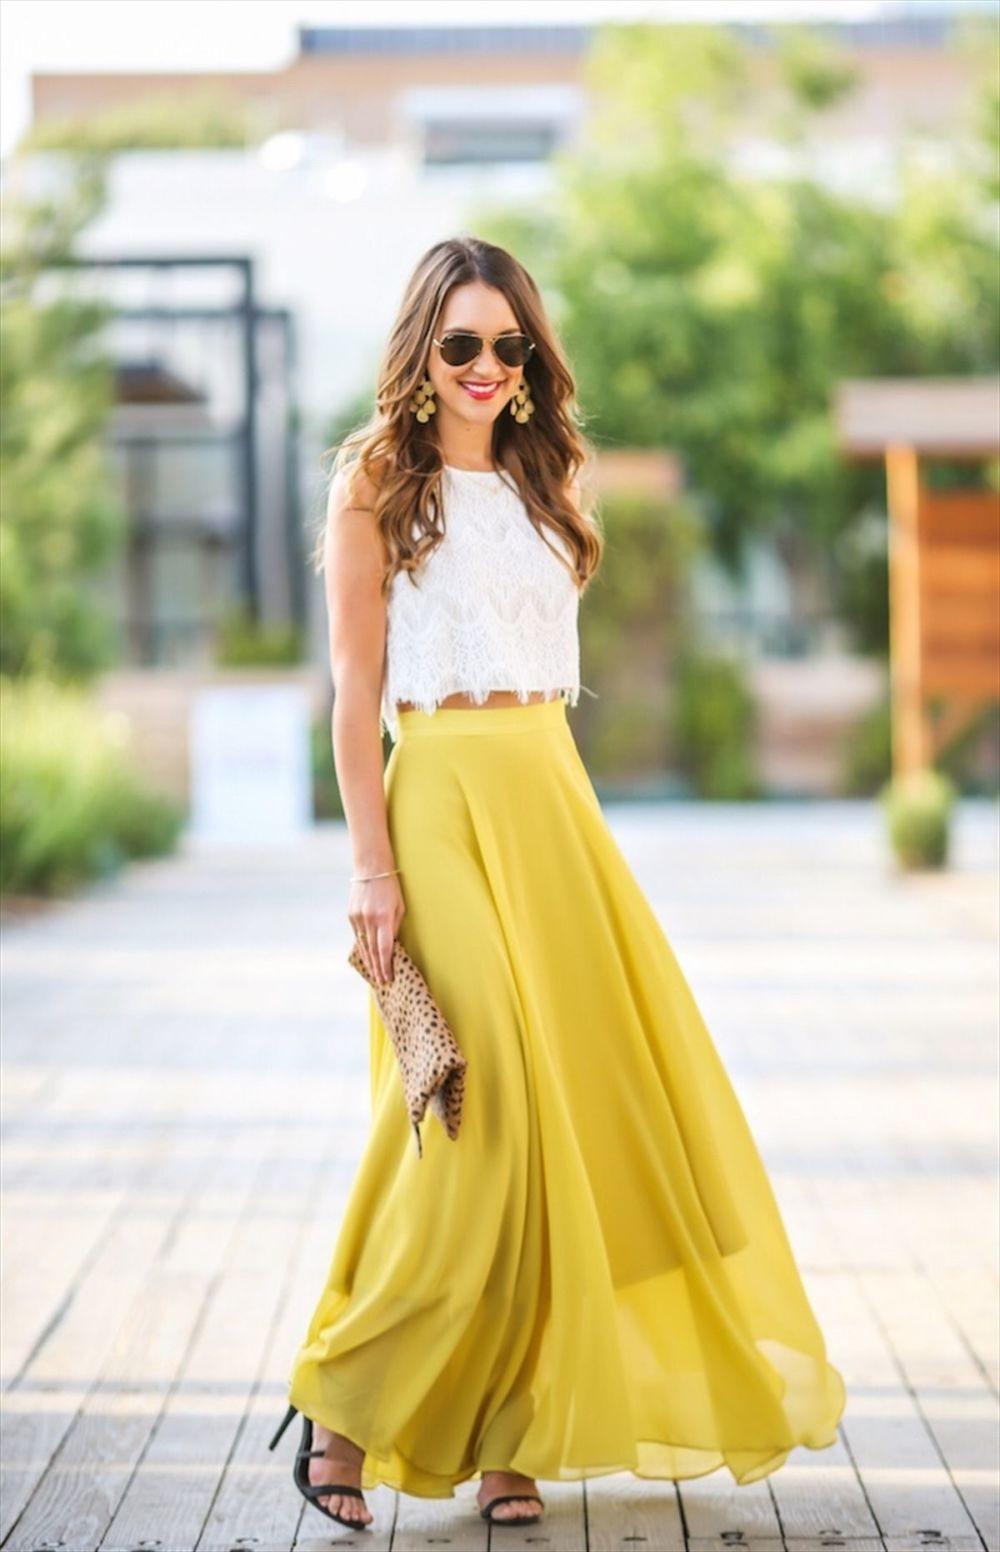 белый топ под желтую длинную юбку